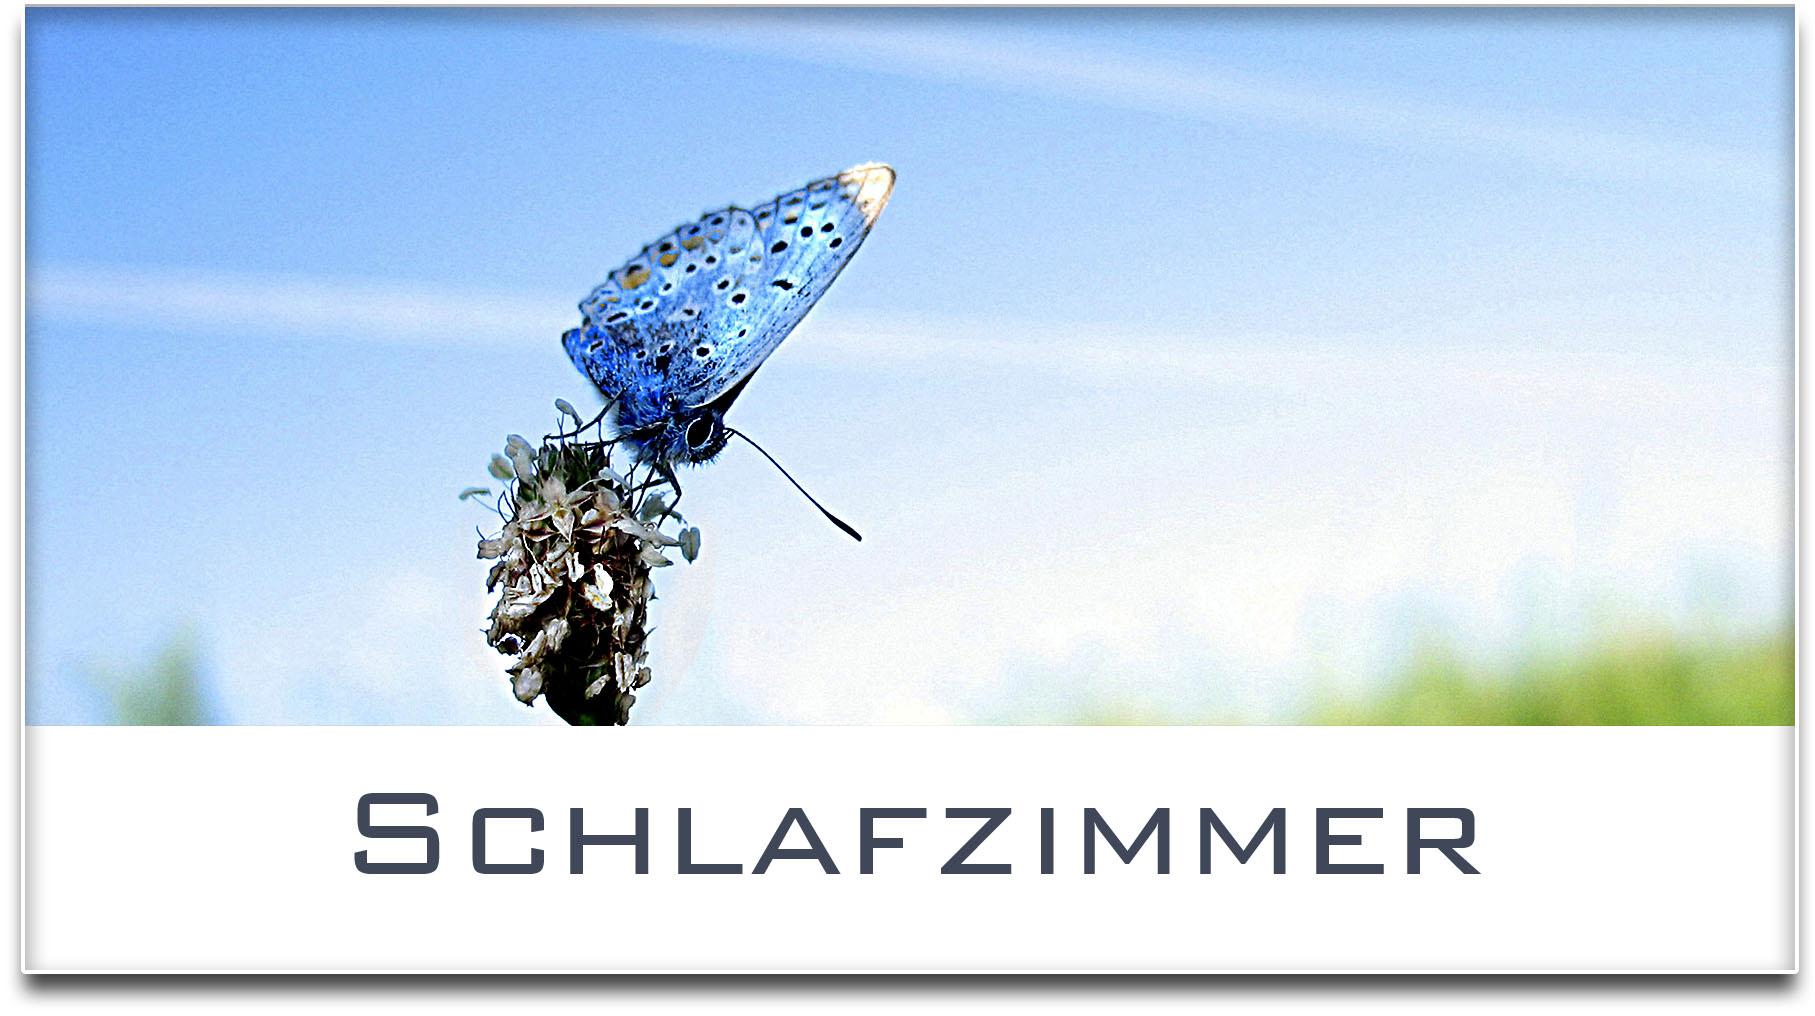 Türschild / Haustürschild / Schmetterling / Schlafzimmer / Selbstklebend